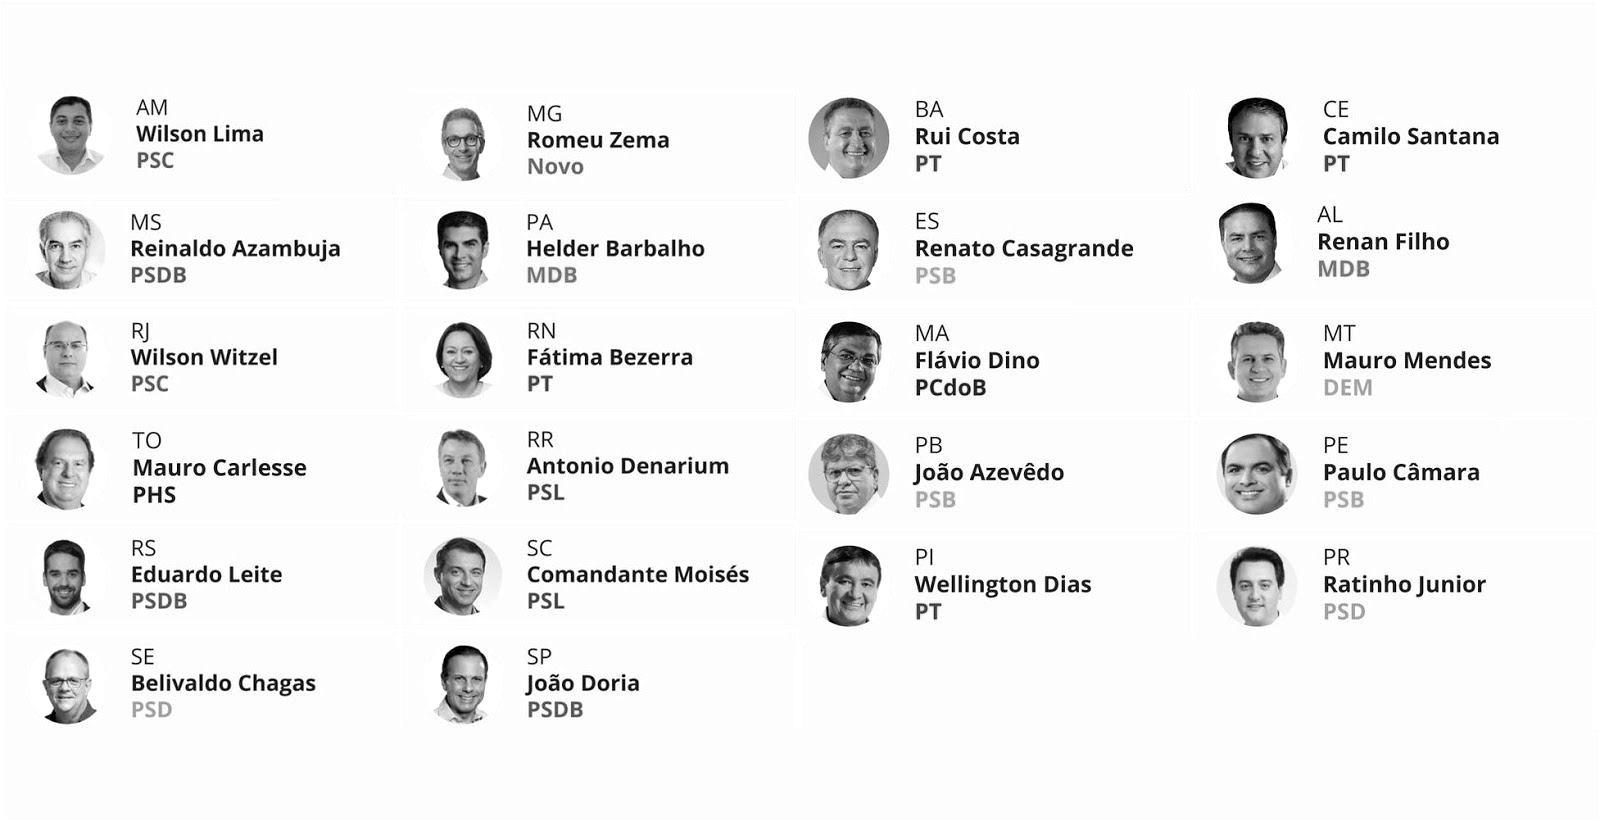 Até o momento, nenhum governador aceitou o desafio de Bolsonaro